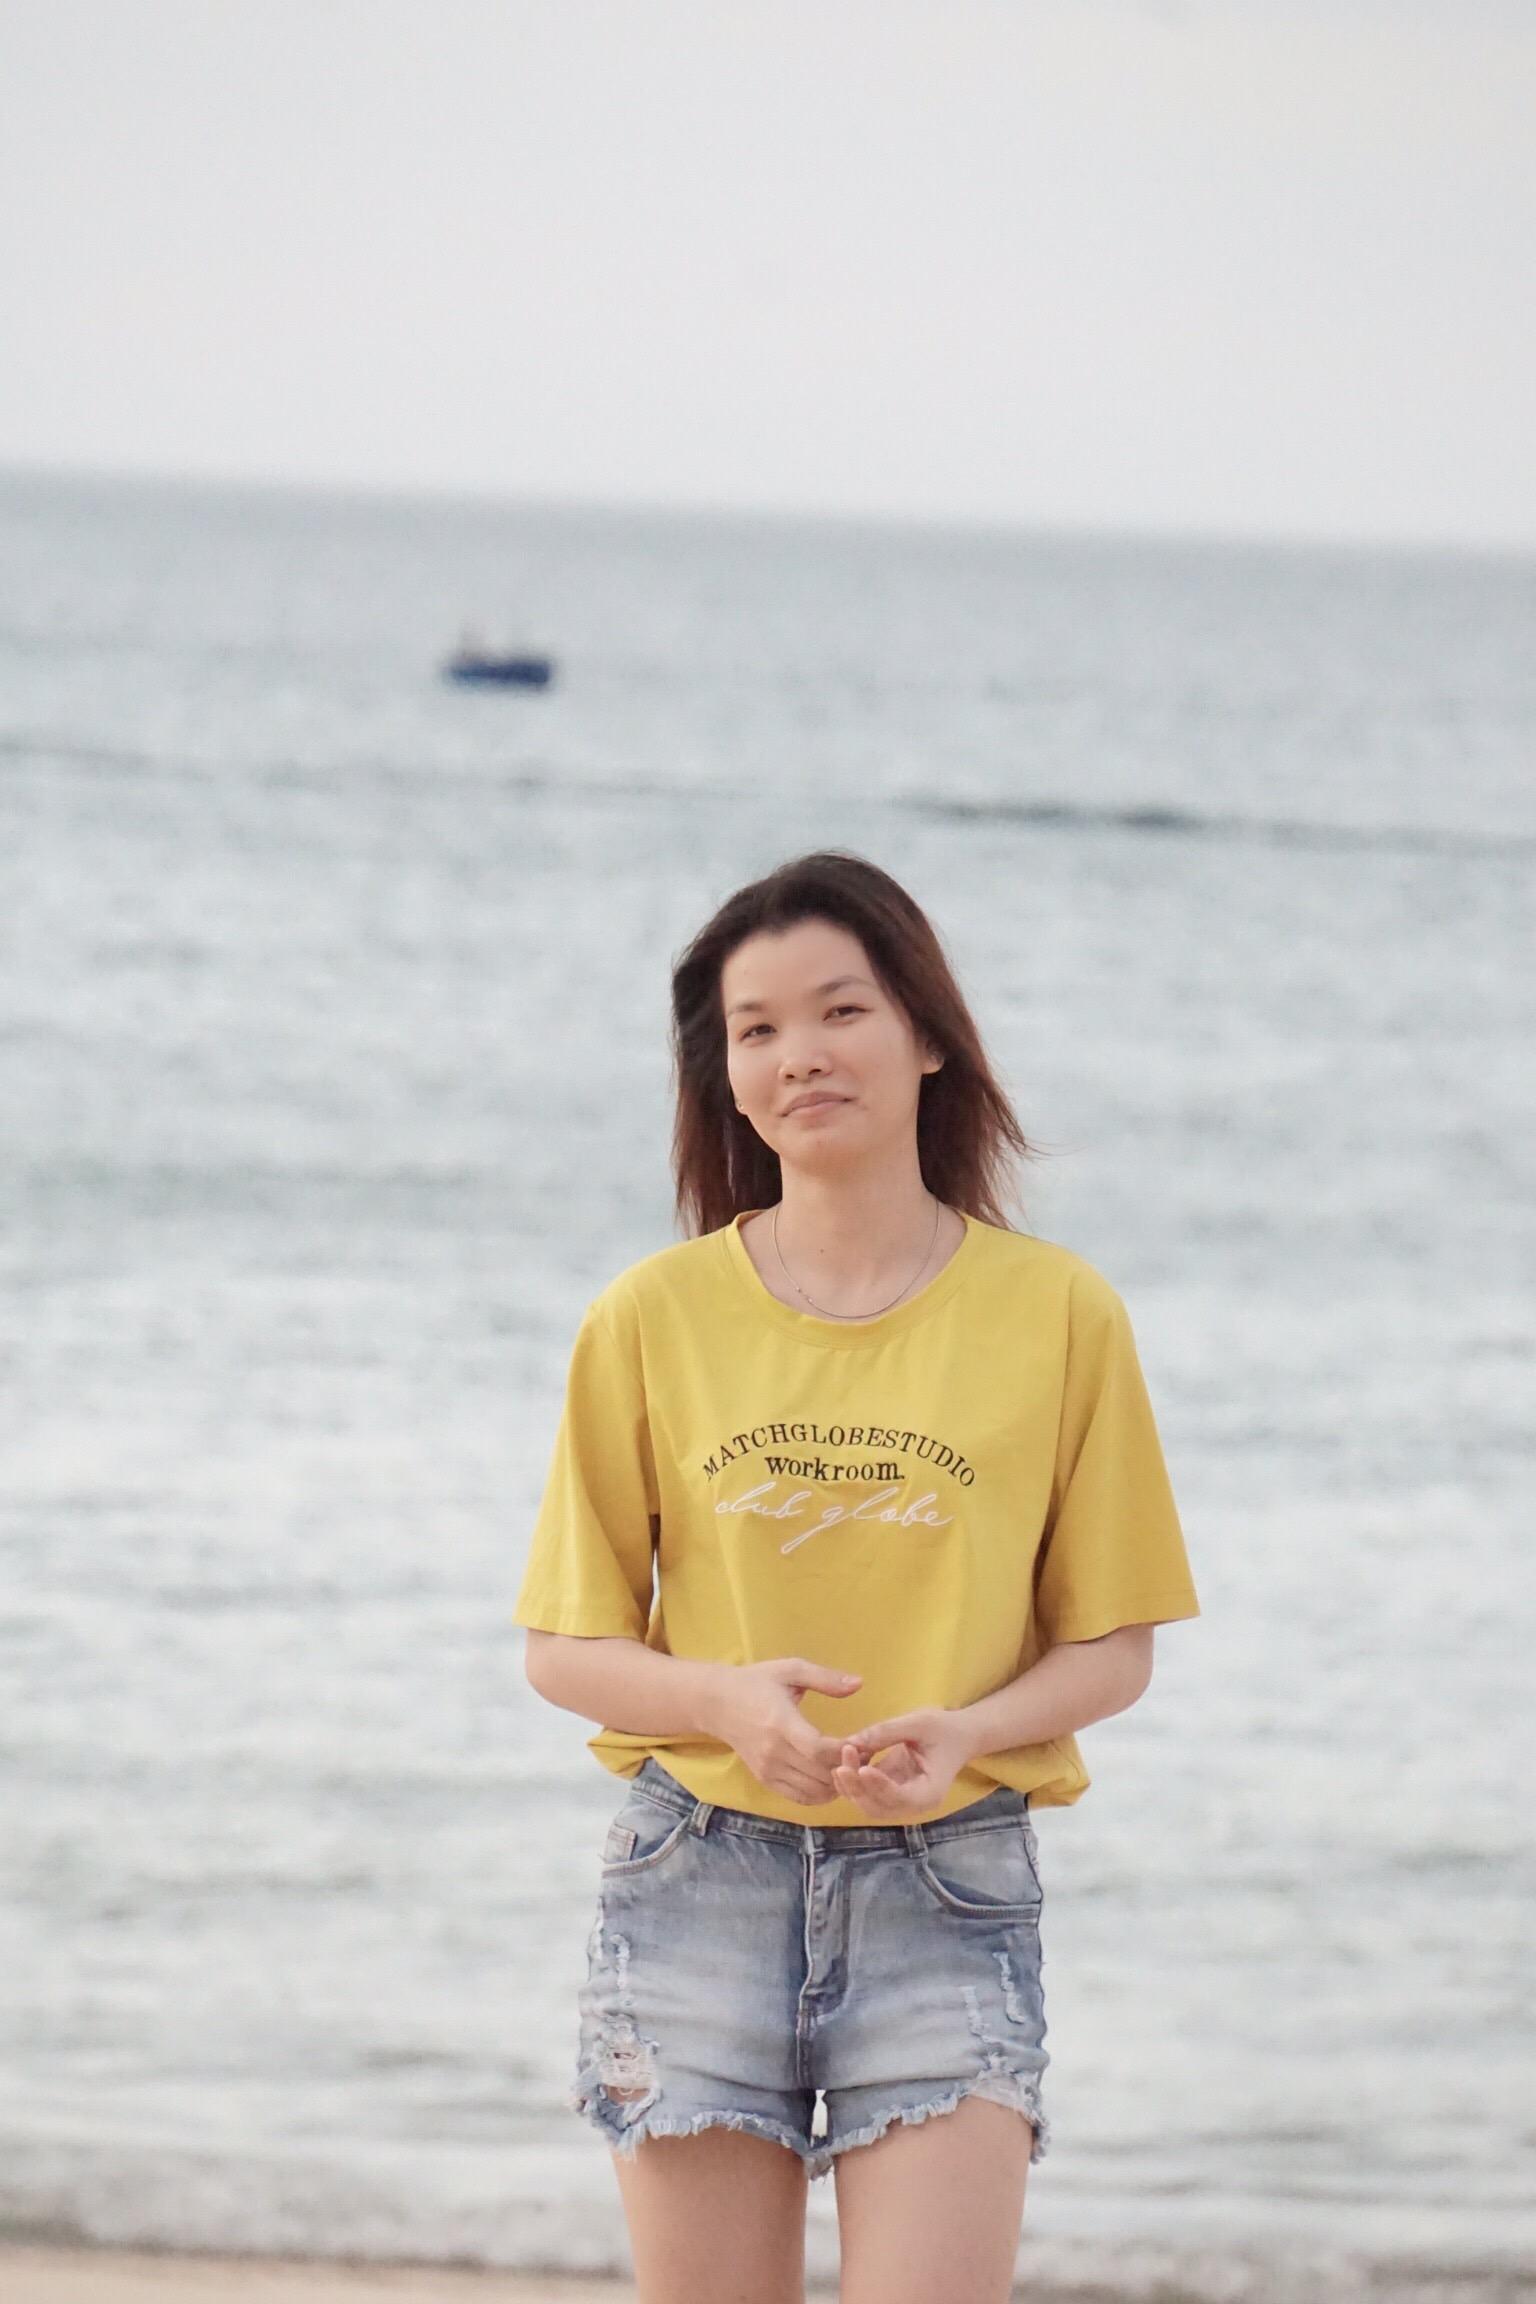 Nguyễn Thị Phương Quỳnh